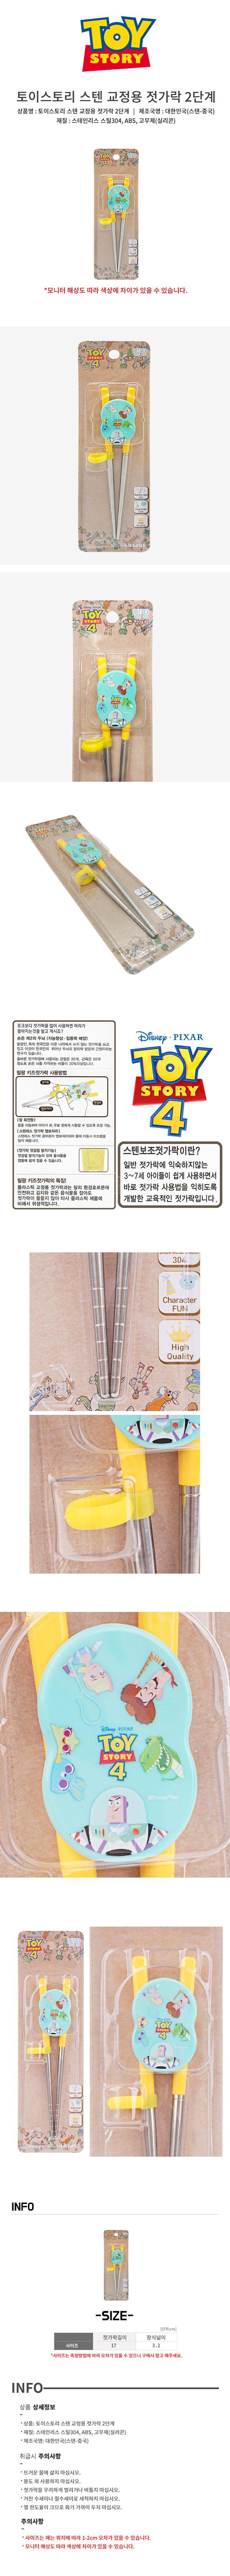 토이스토리4 스텐 교정용 젓가락 2단계 - 키티야, 5,500원, 숟가락/젓가락/스틱, 숟가락/젓가락 세트